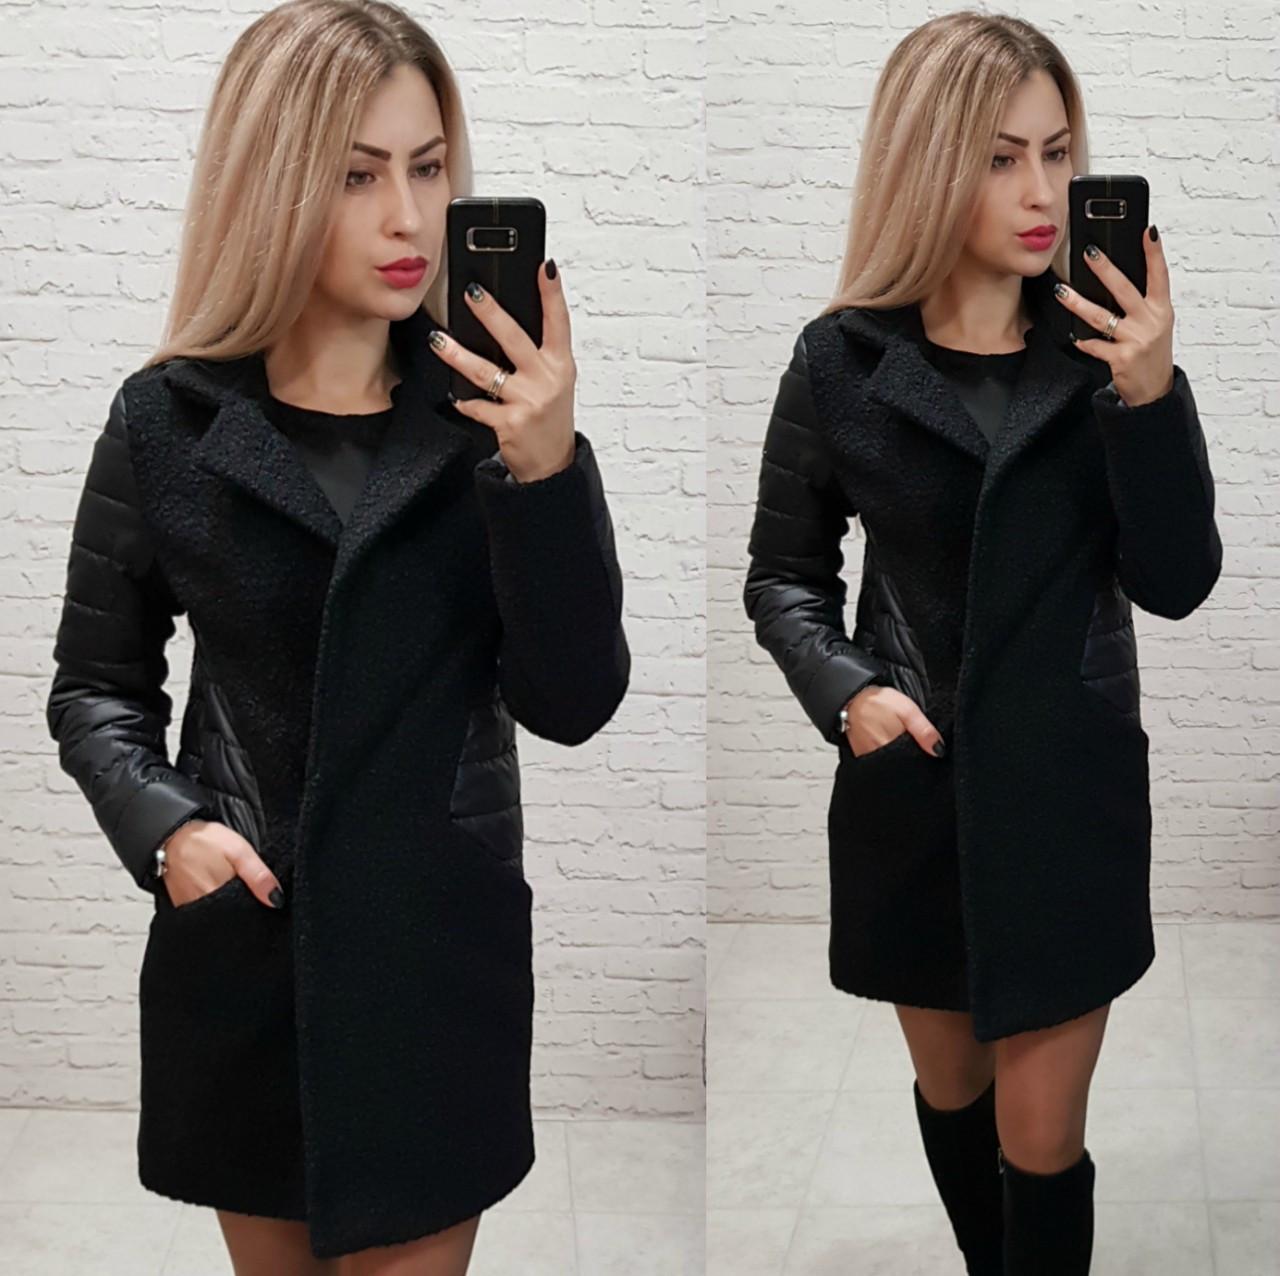 Пальто, арт 821, ткань букле, цвет черный